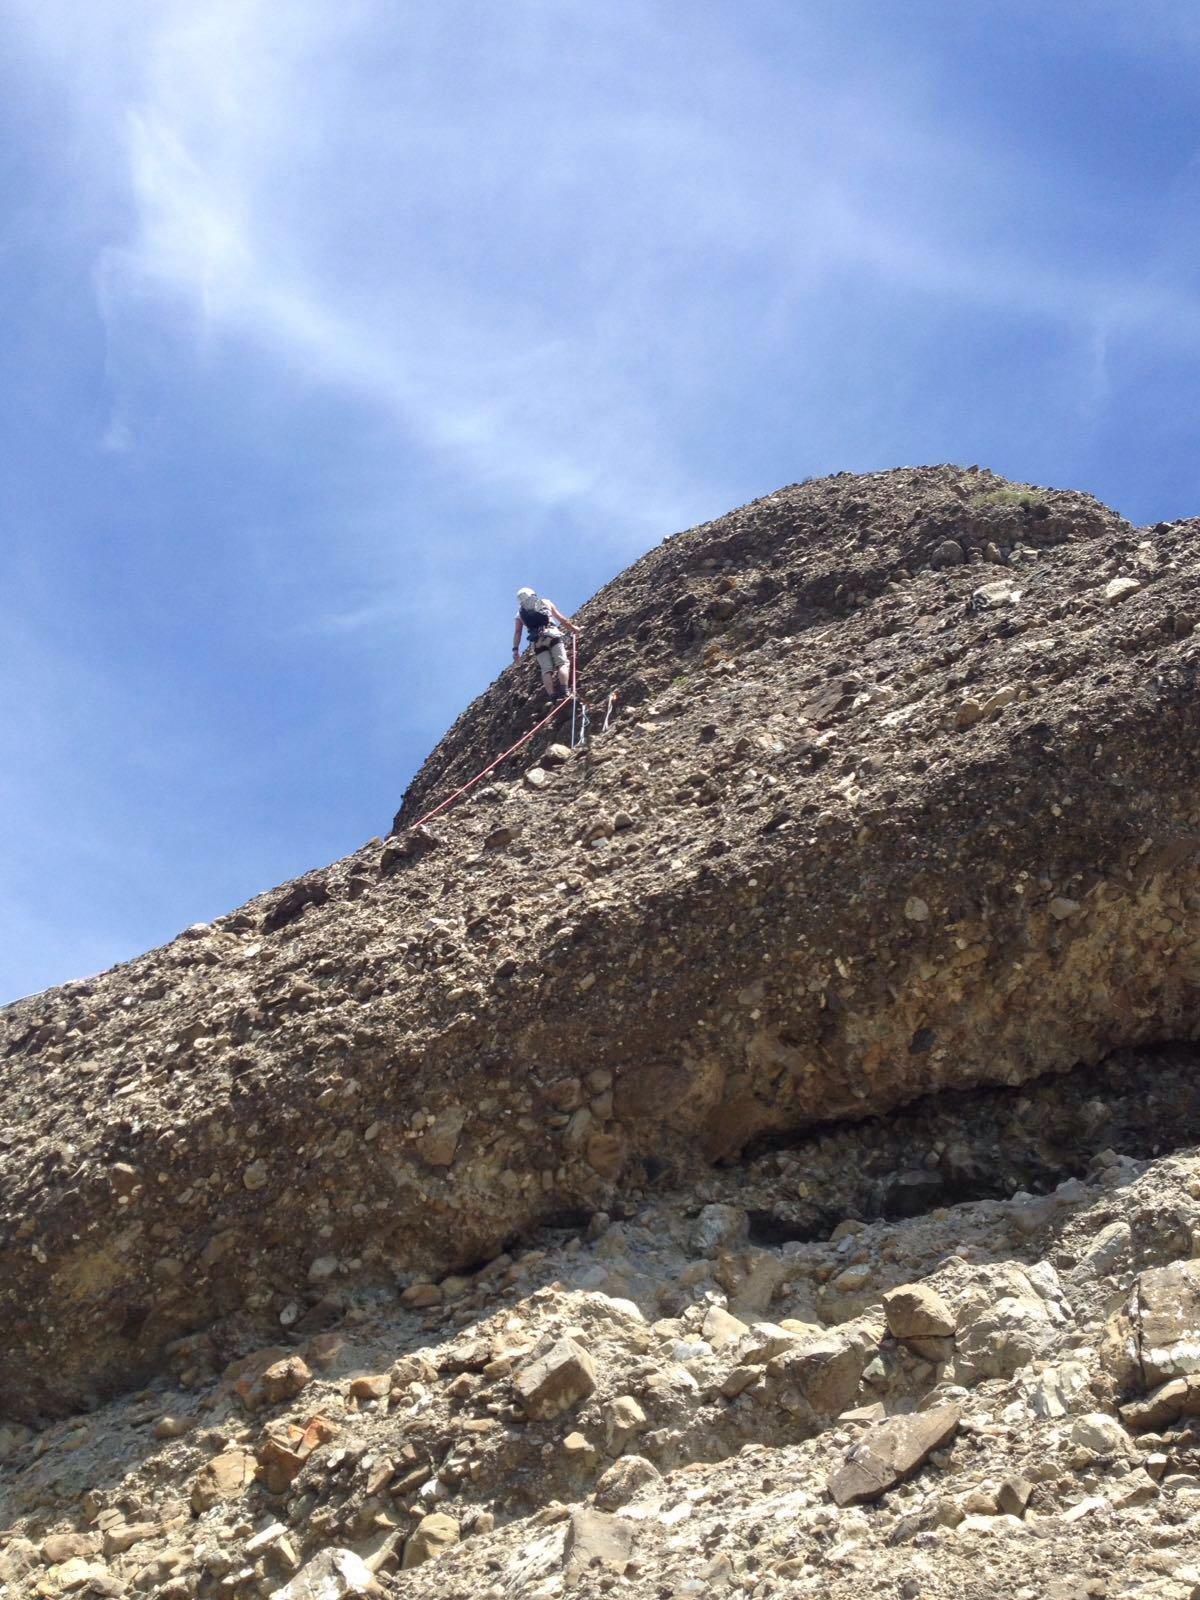 Reopasso (Rocche del) - Biurca Chiaro di Luna 2016-06-21